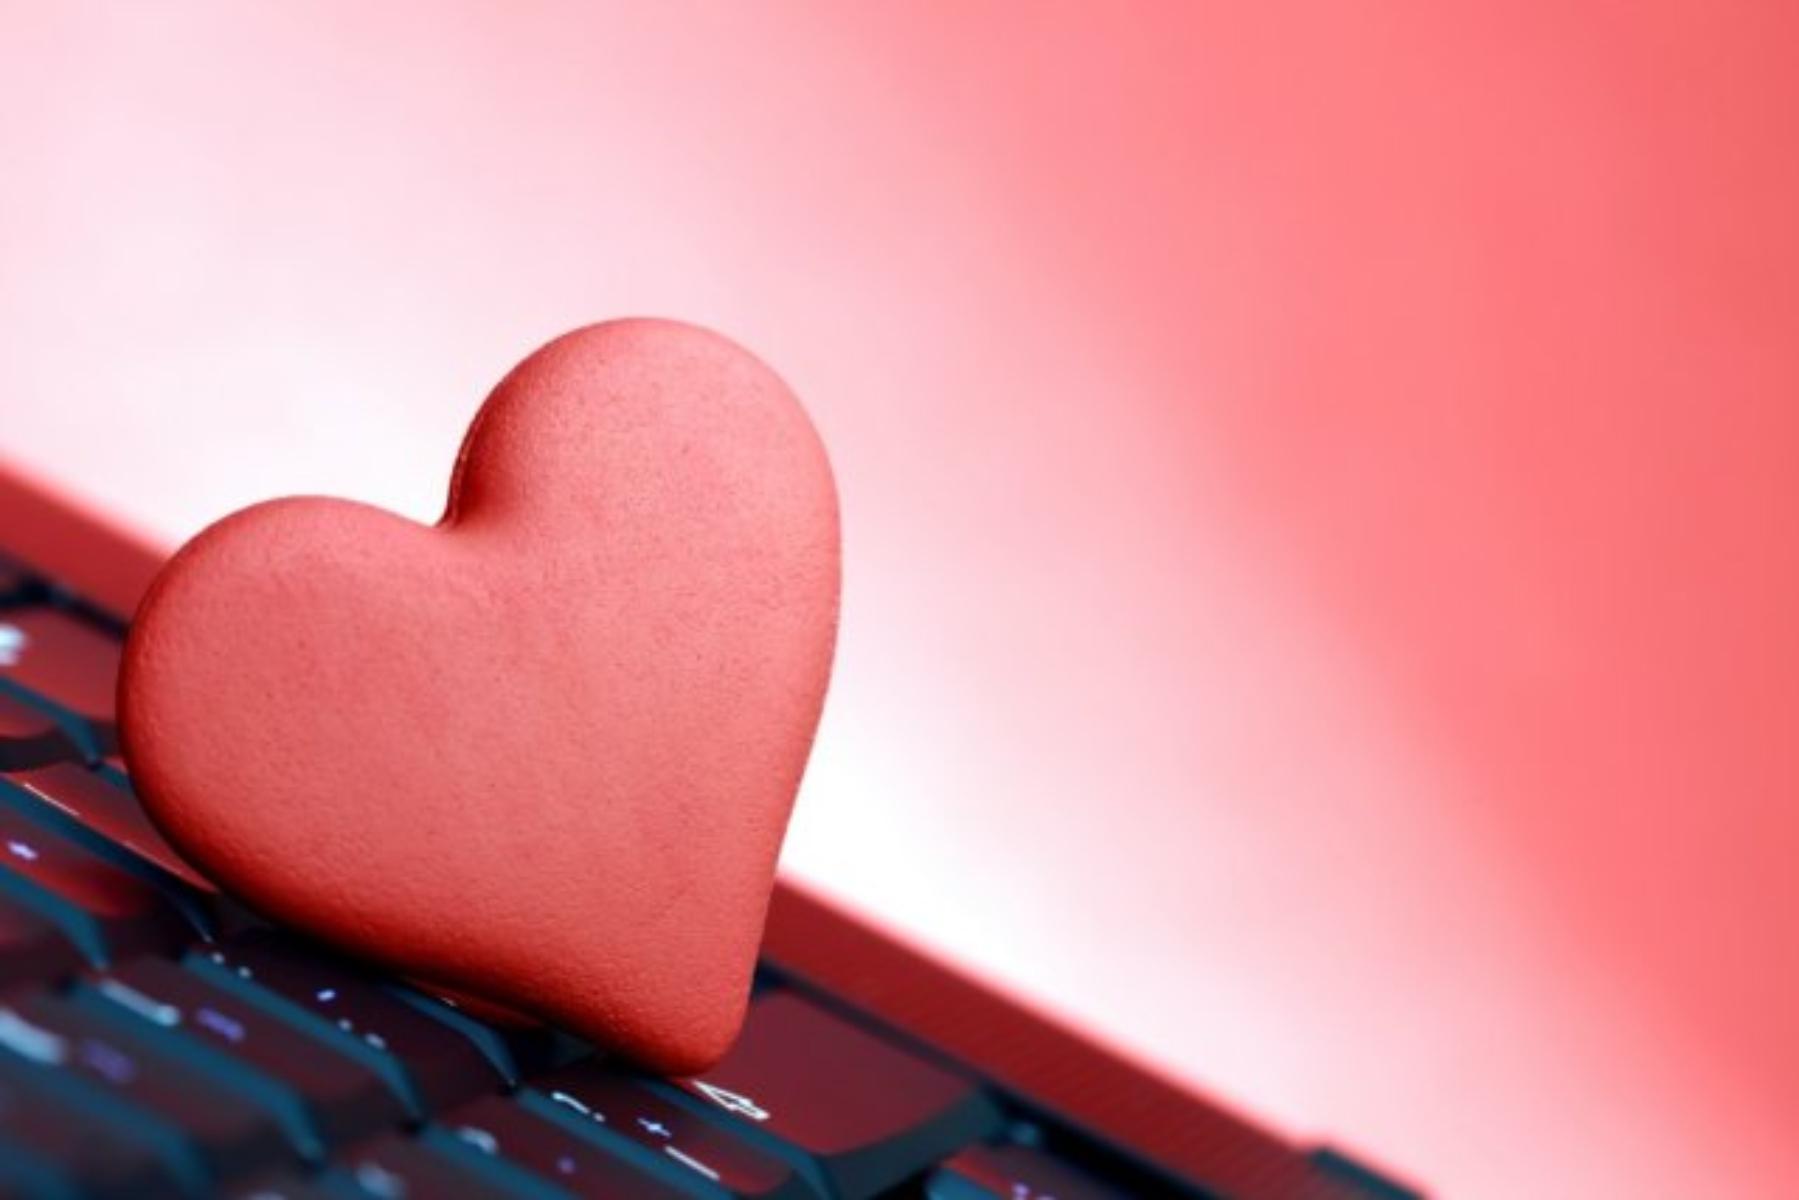 Διαδίκτυο- προφίλ: Πώς να φτιάξεις ένα φοβερό προφίλ σε σελίδα γνωριμιών